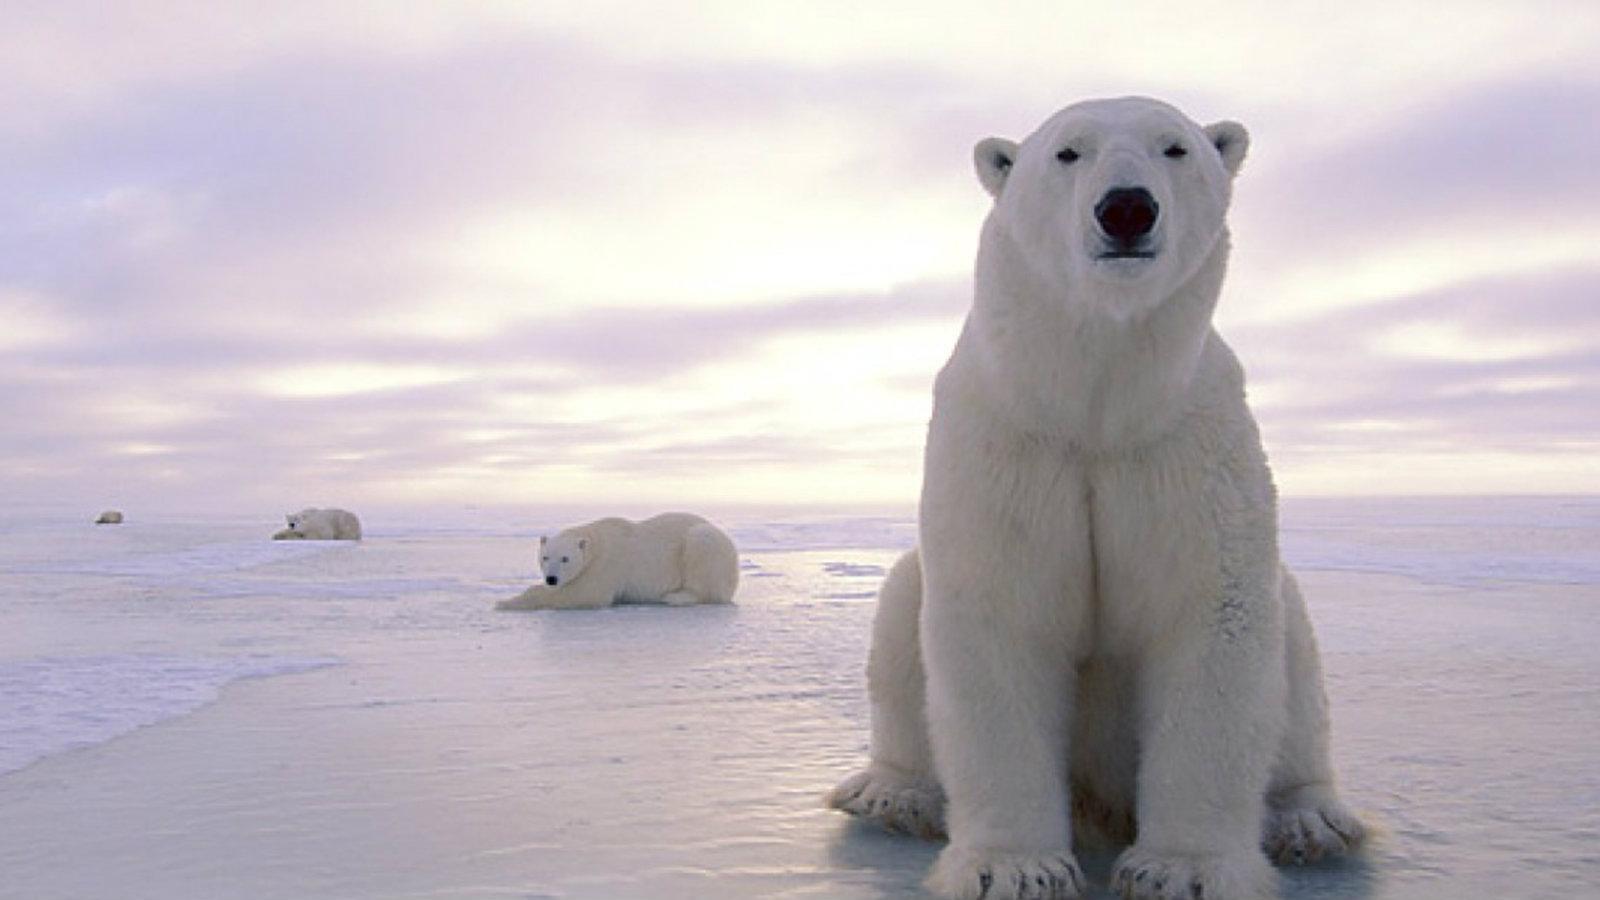 Σήμα κινδύνου για τις πολικές αρκούδες: Ίσως να έχουν εξαφανιστεί μέχρι το 2100